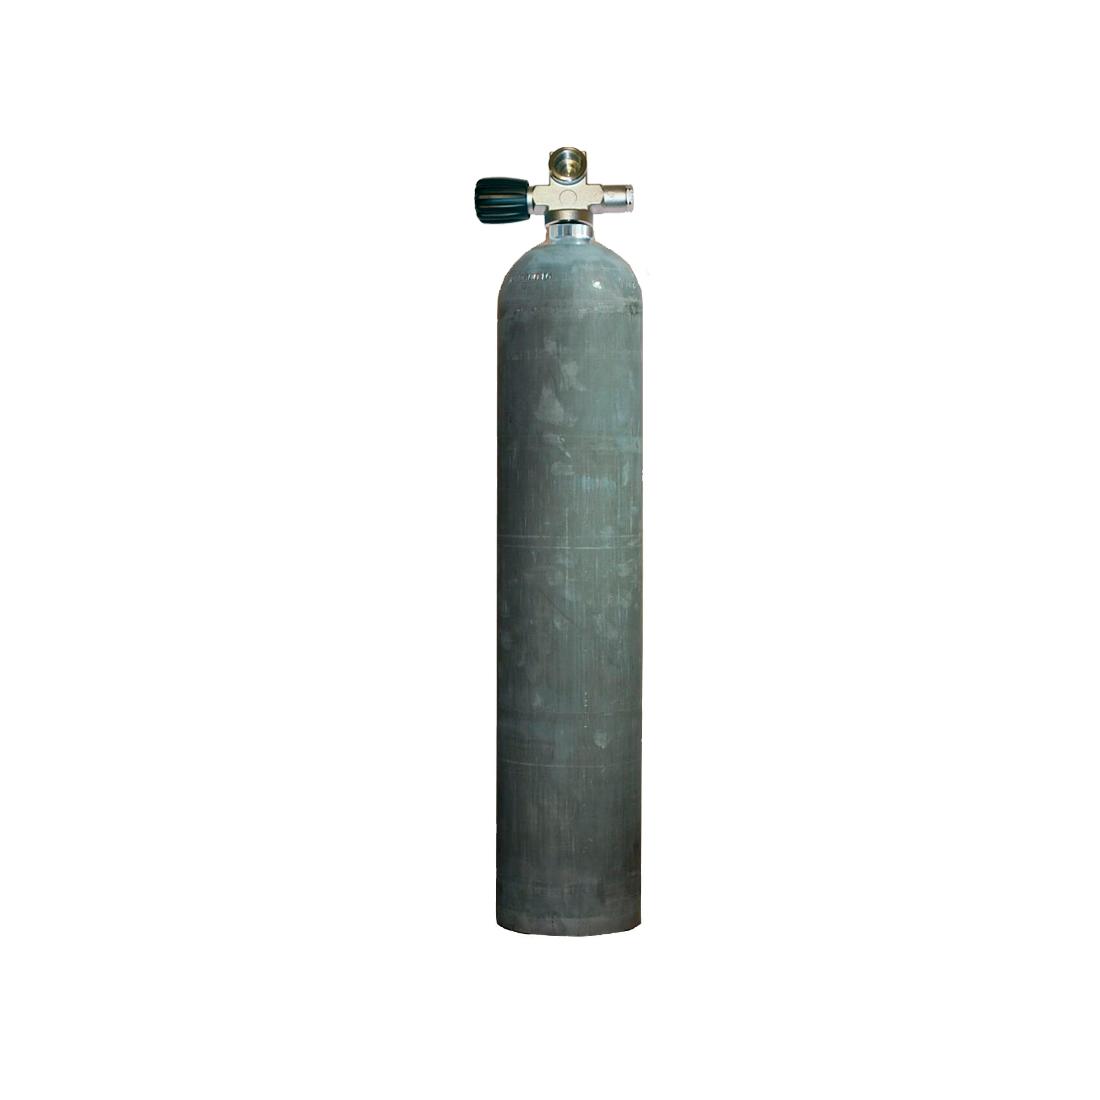 MES - Tauchgerät 5,7l 207Bar 40cuft Aluflasche mit/ohne Ventil natural